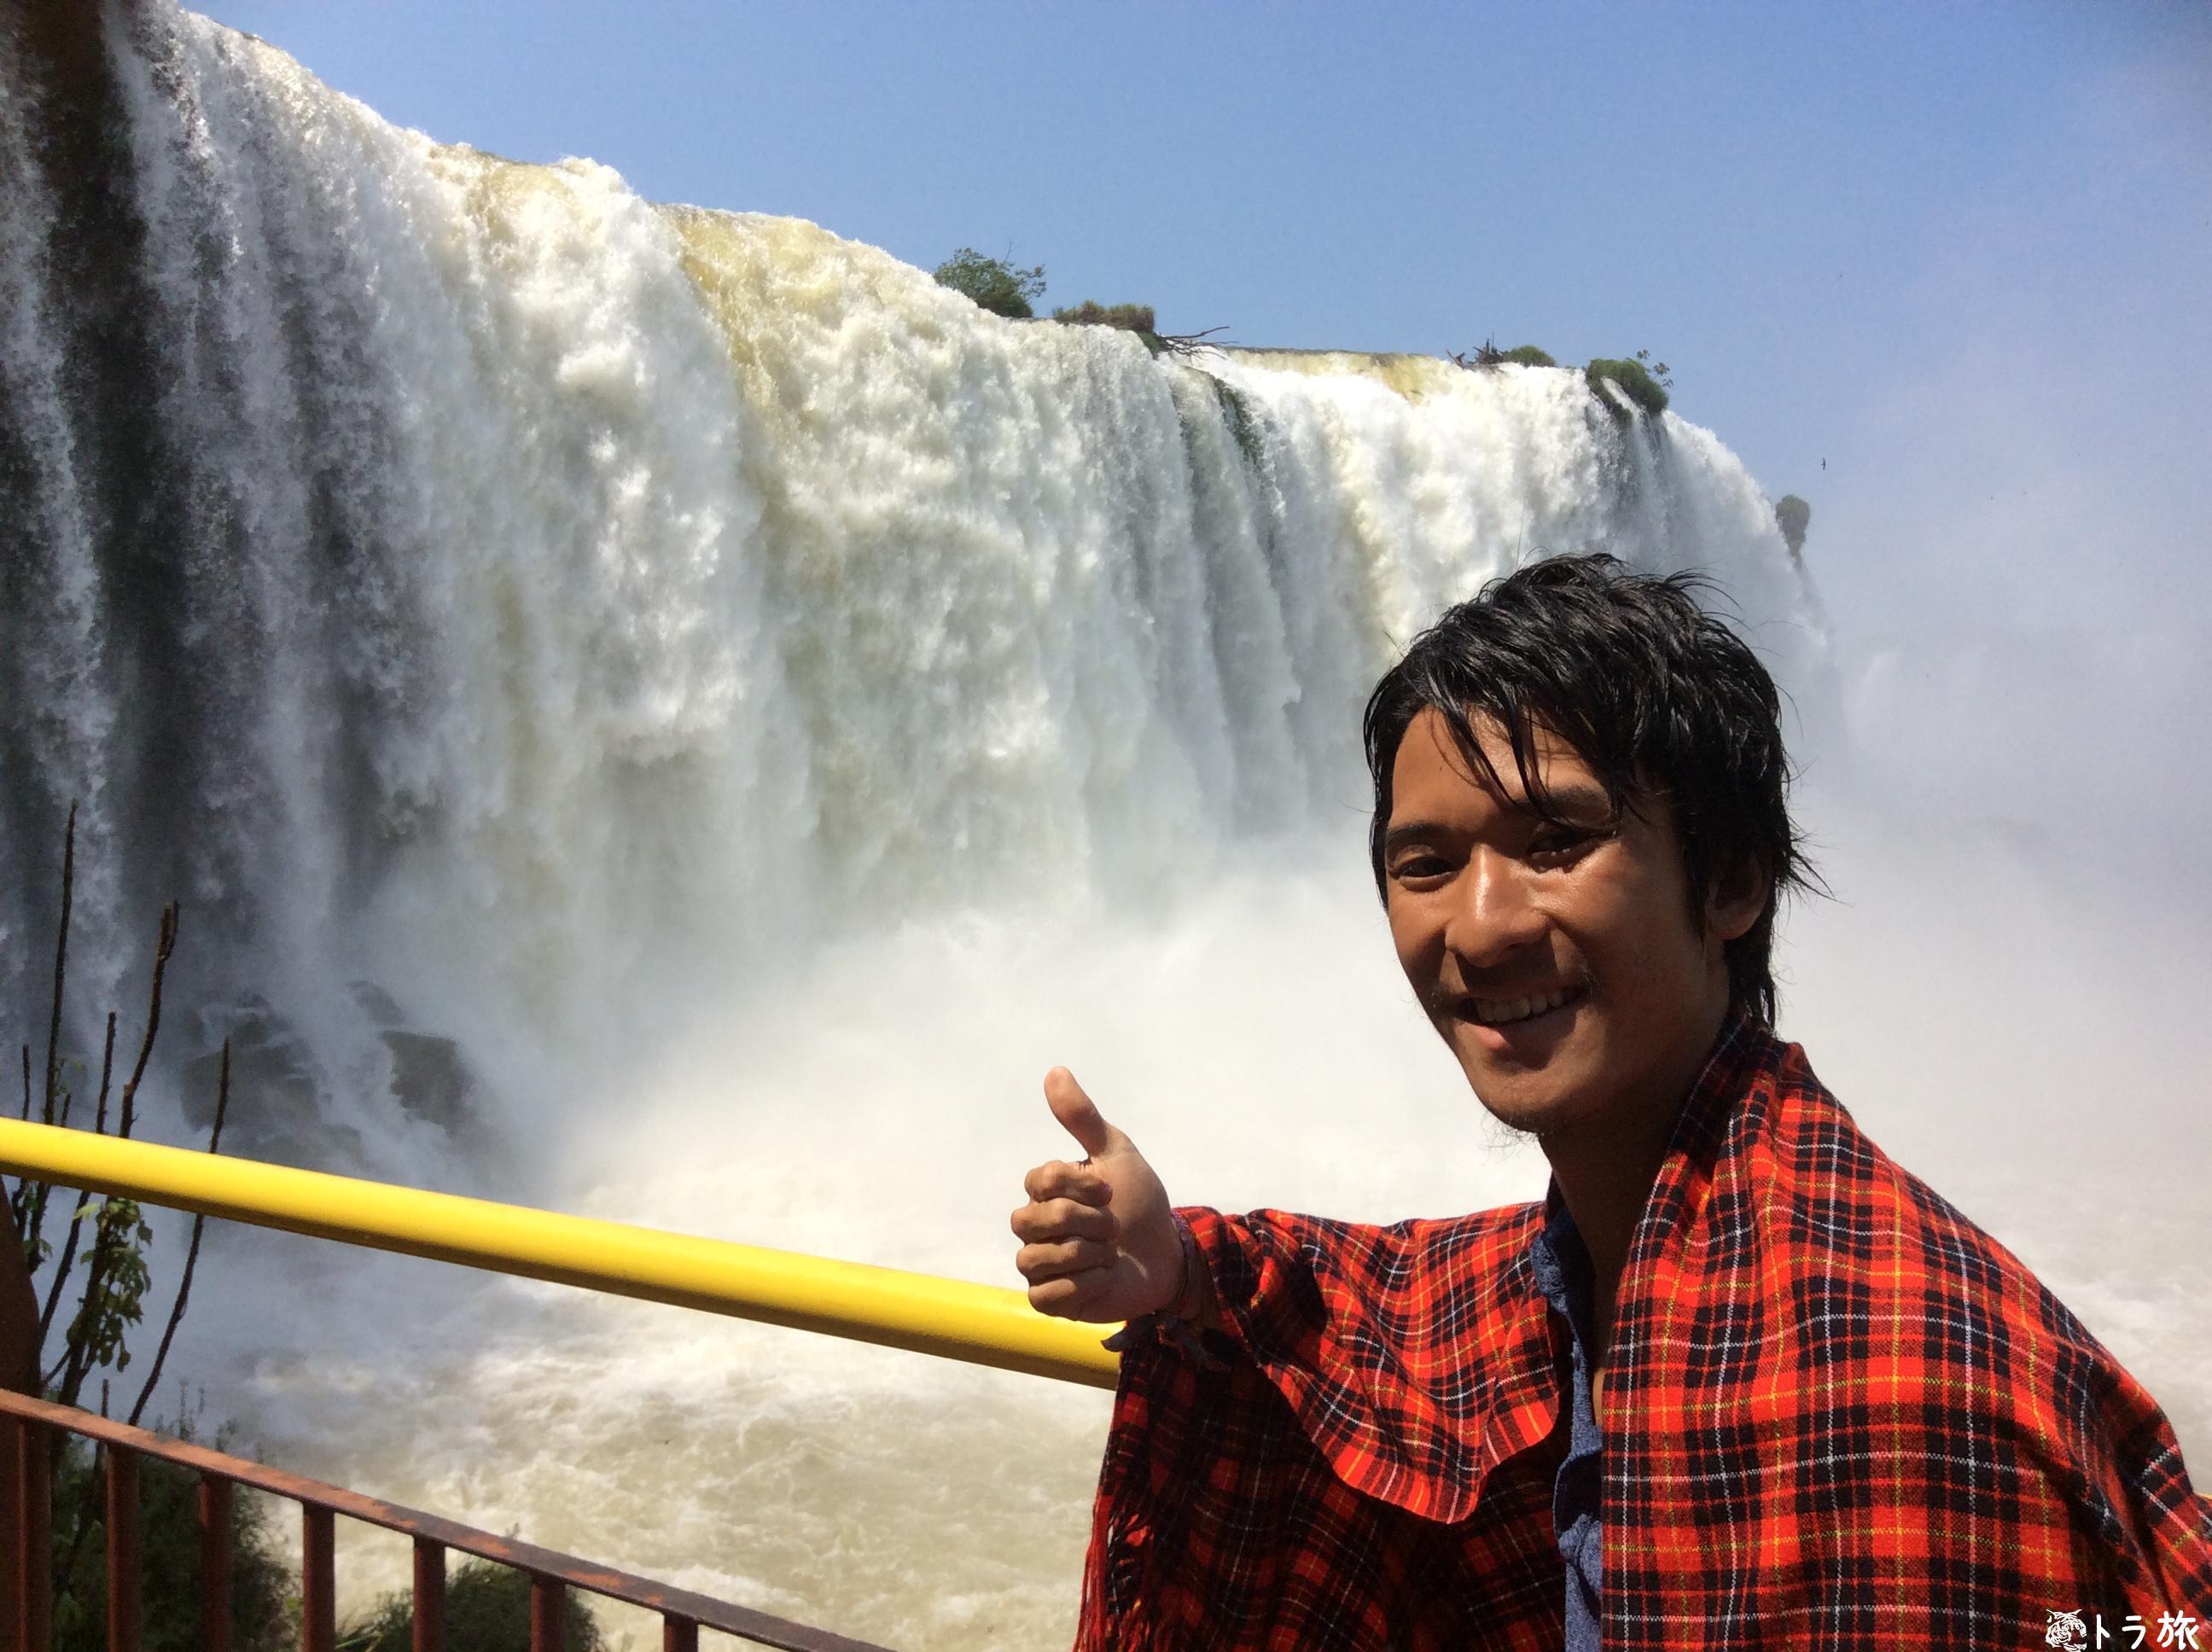 【ブラジル】圧倒的水量の瀑布!イグアスの滝【イグアス】